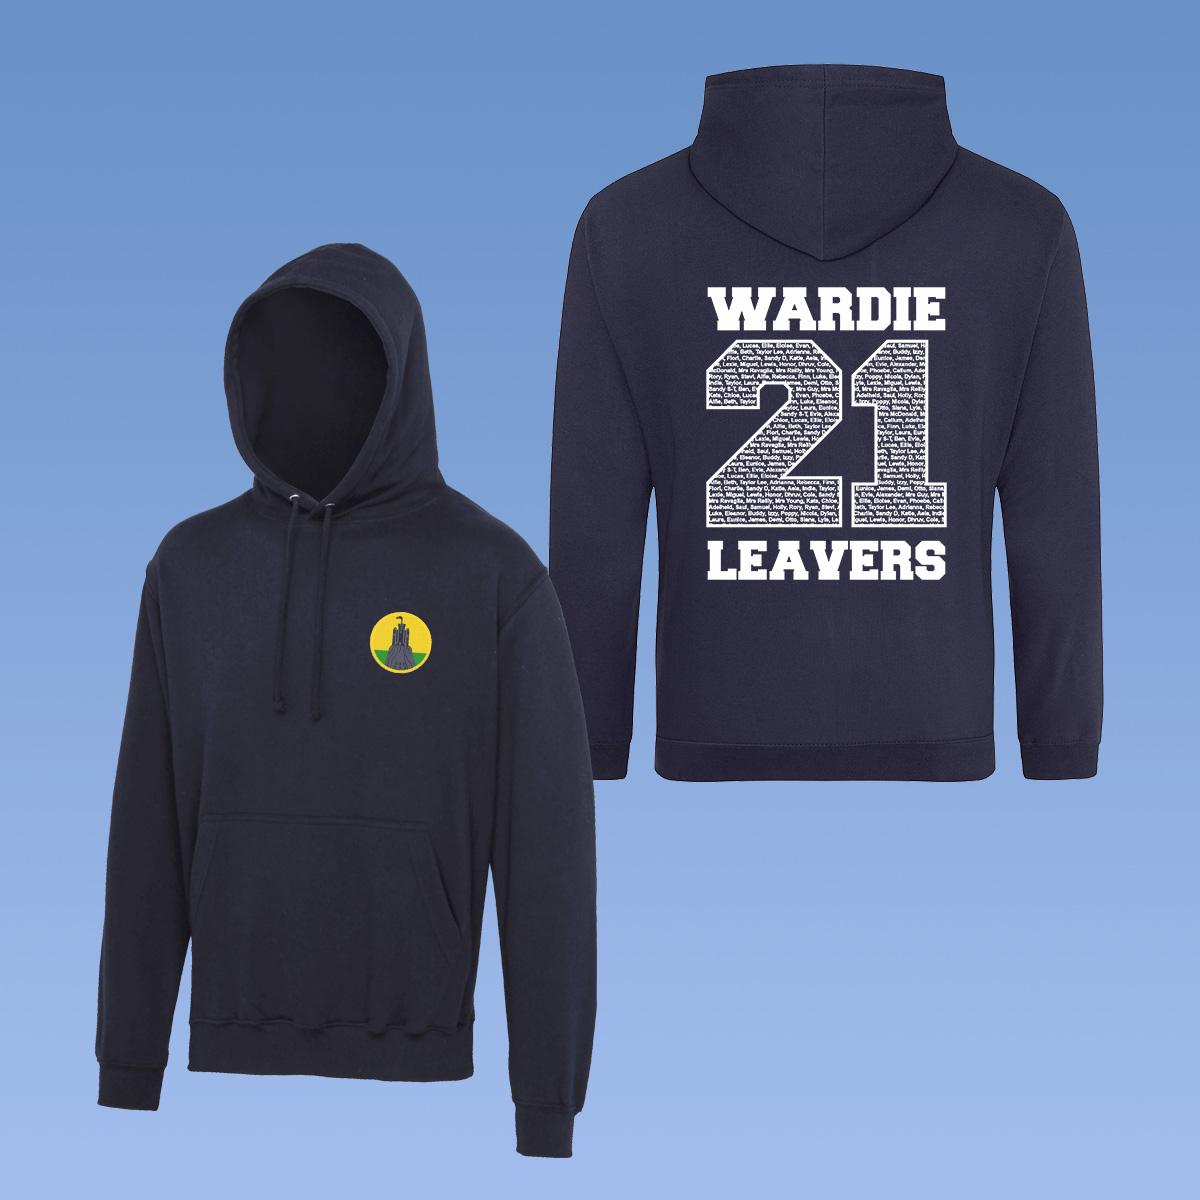 Wardie Leavers Hoodies